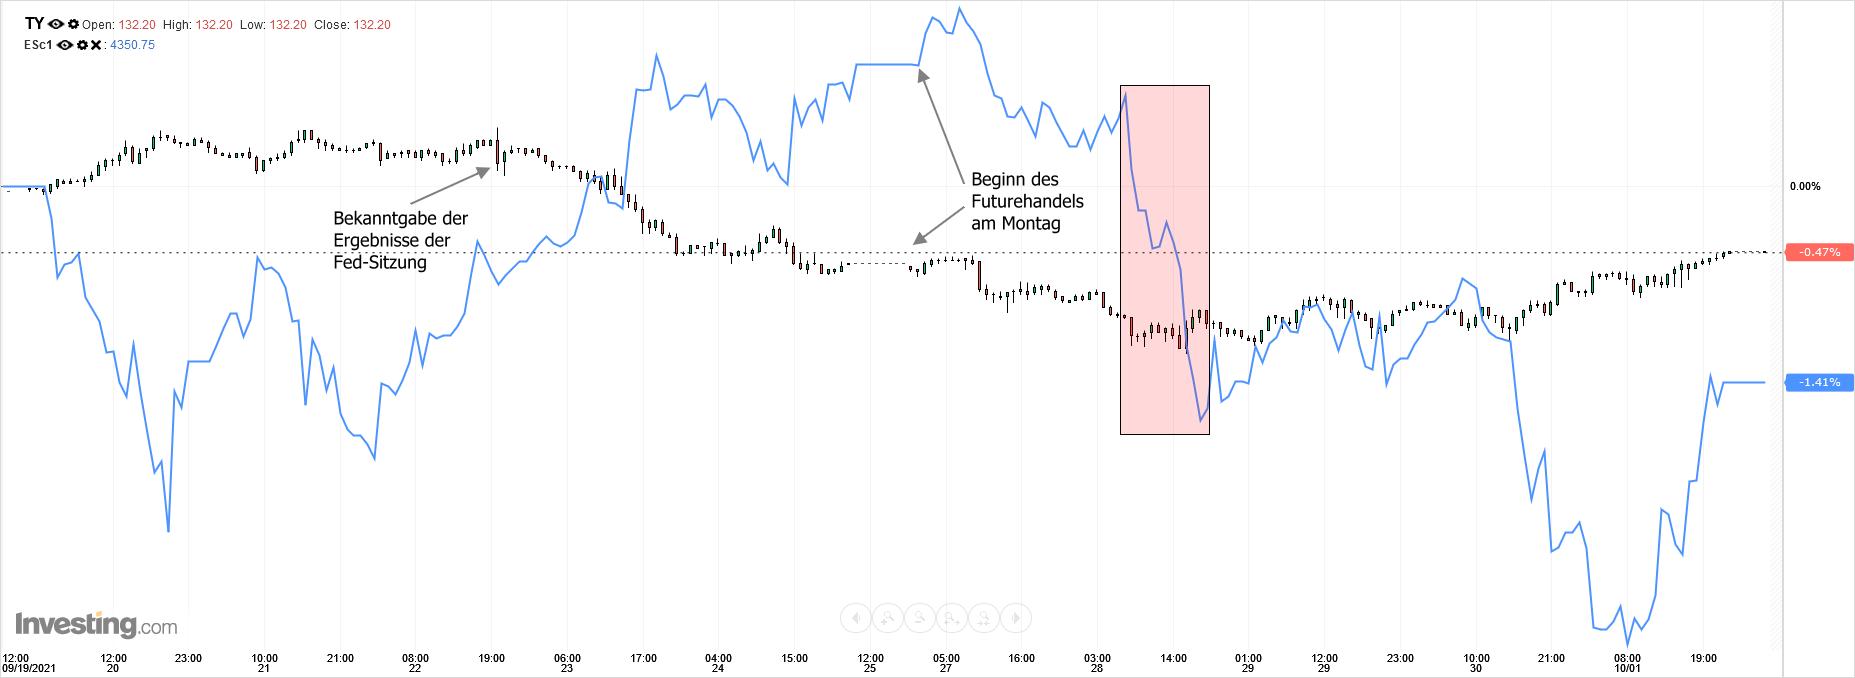 Futures 10y T-Notes vs. S&P 500 E-mini, intraday